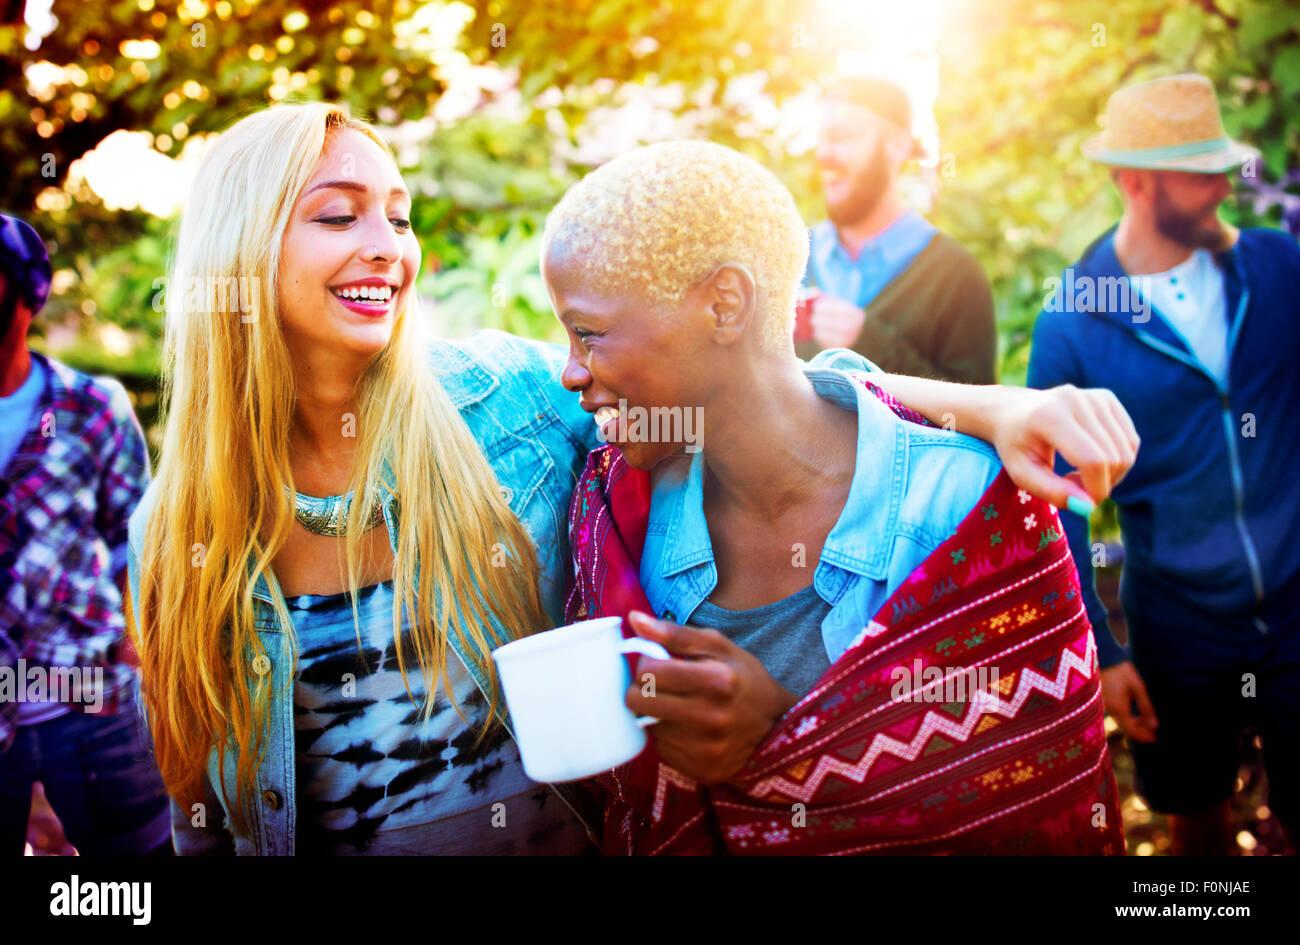 Amigos Outdoors Camping vacaciones concepto alegre Imagen De Stock